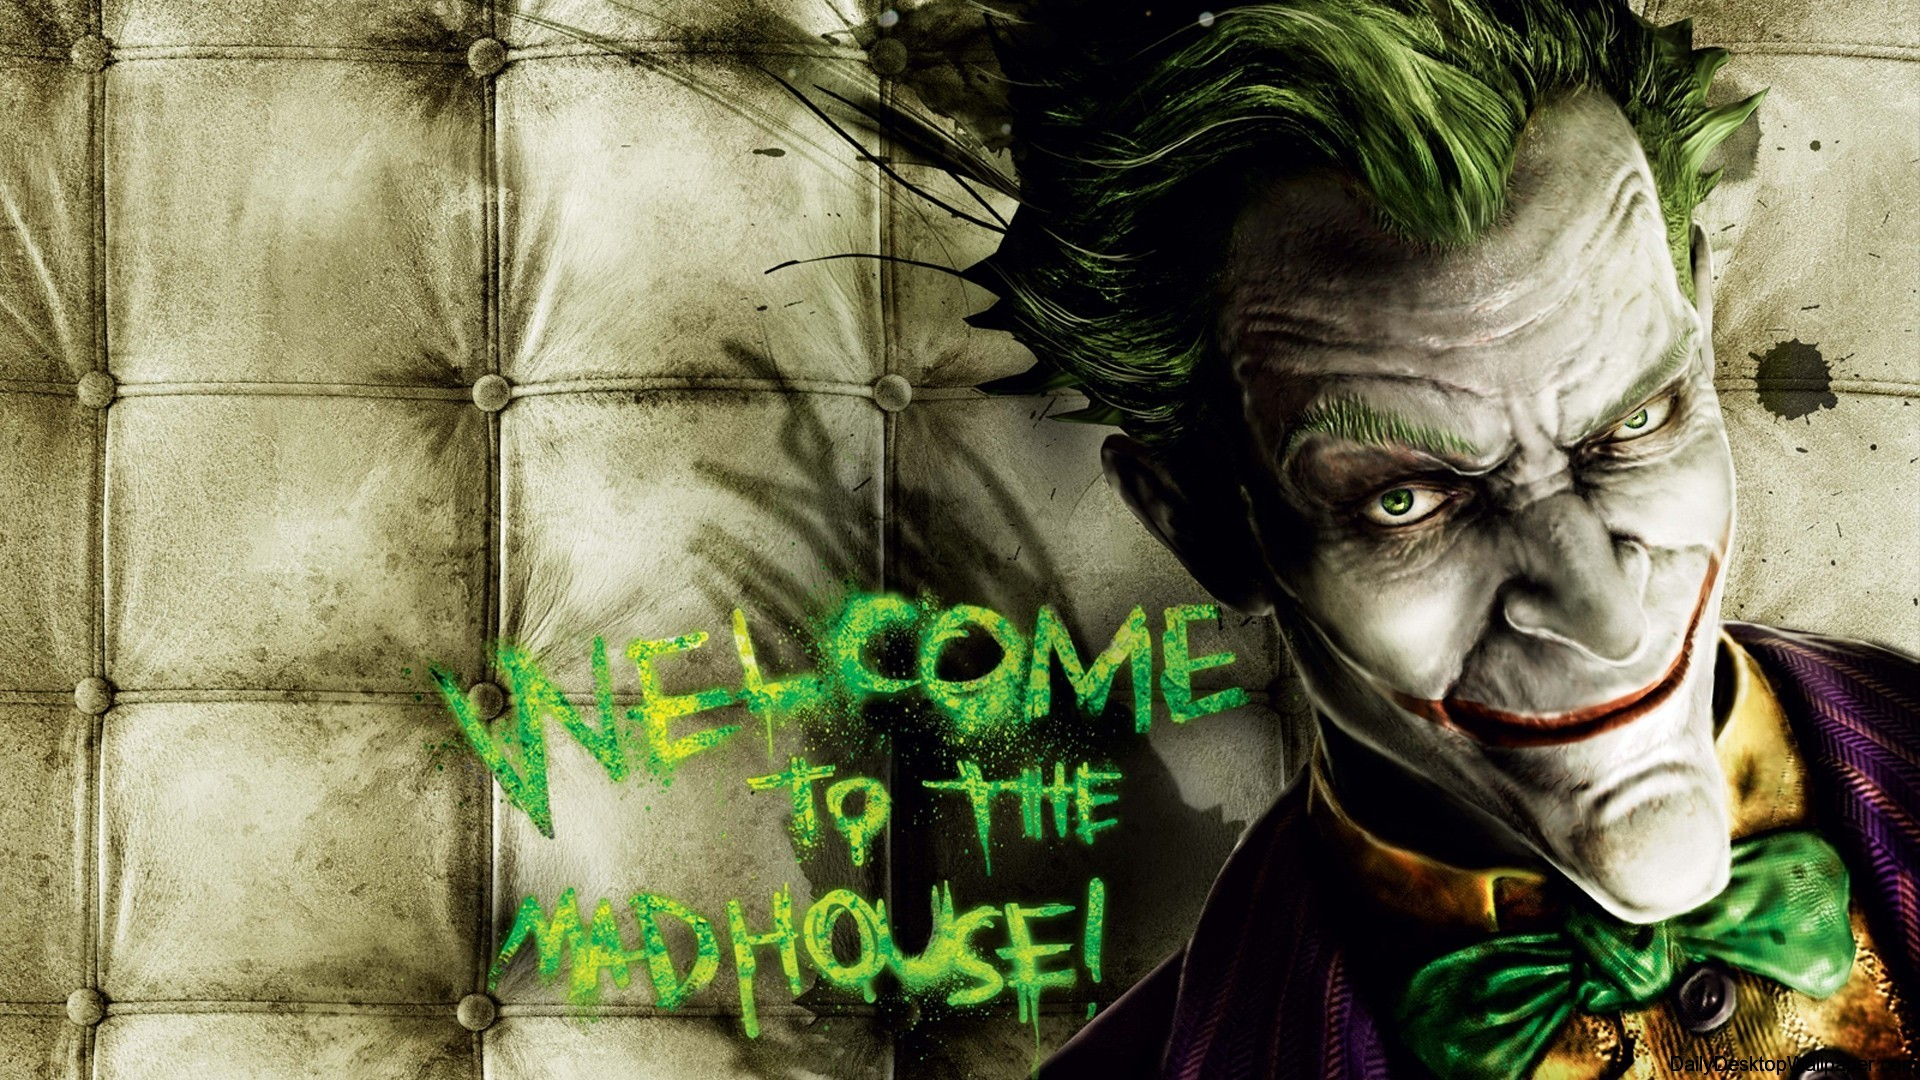 Batman-Arkham-Asylum-X-Hdtv-P-HD-Wallpaper